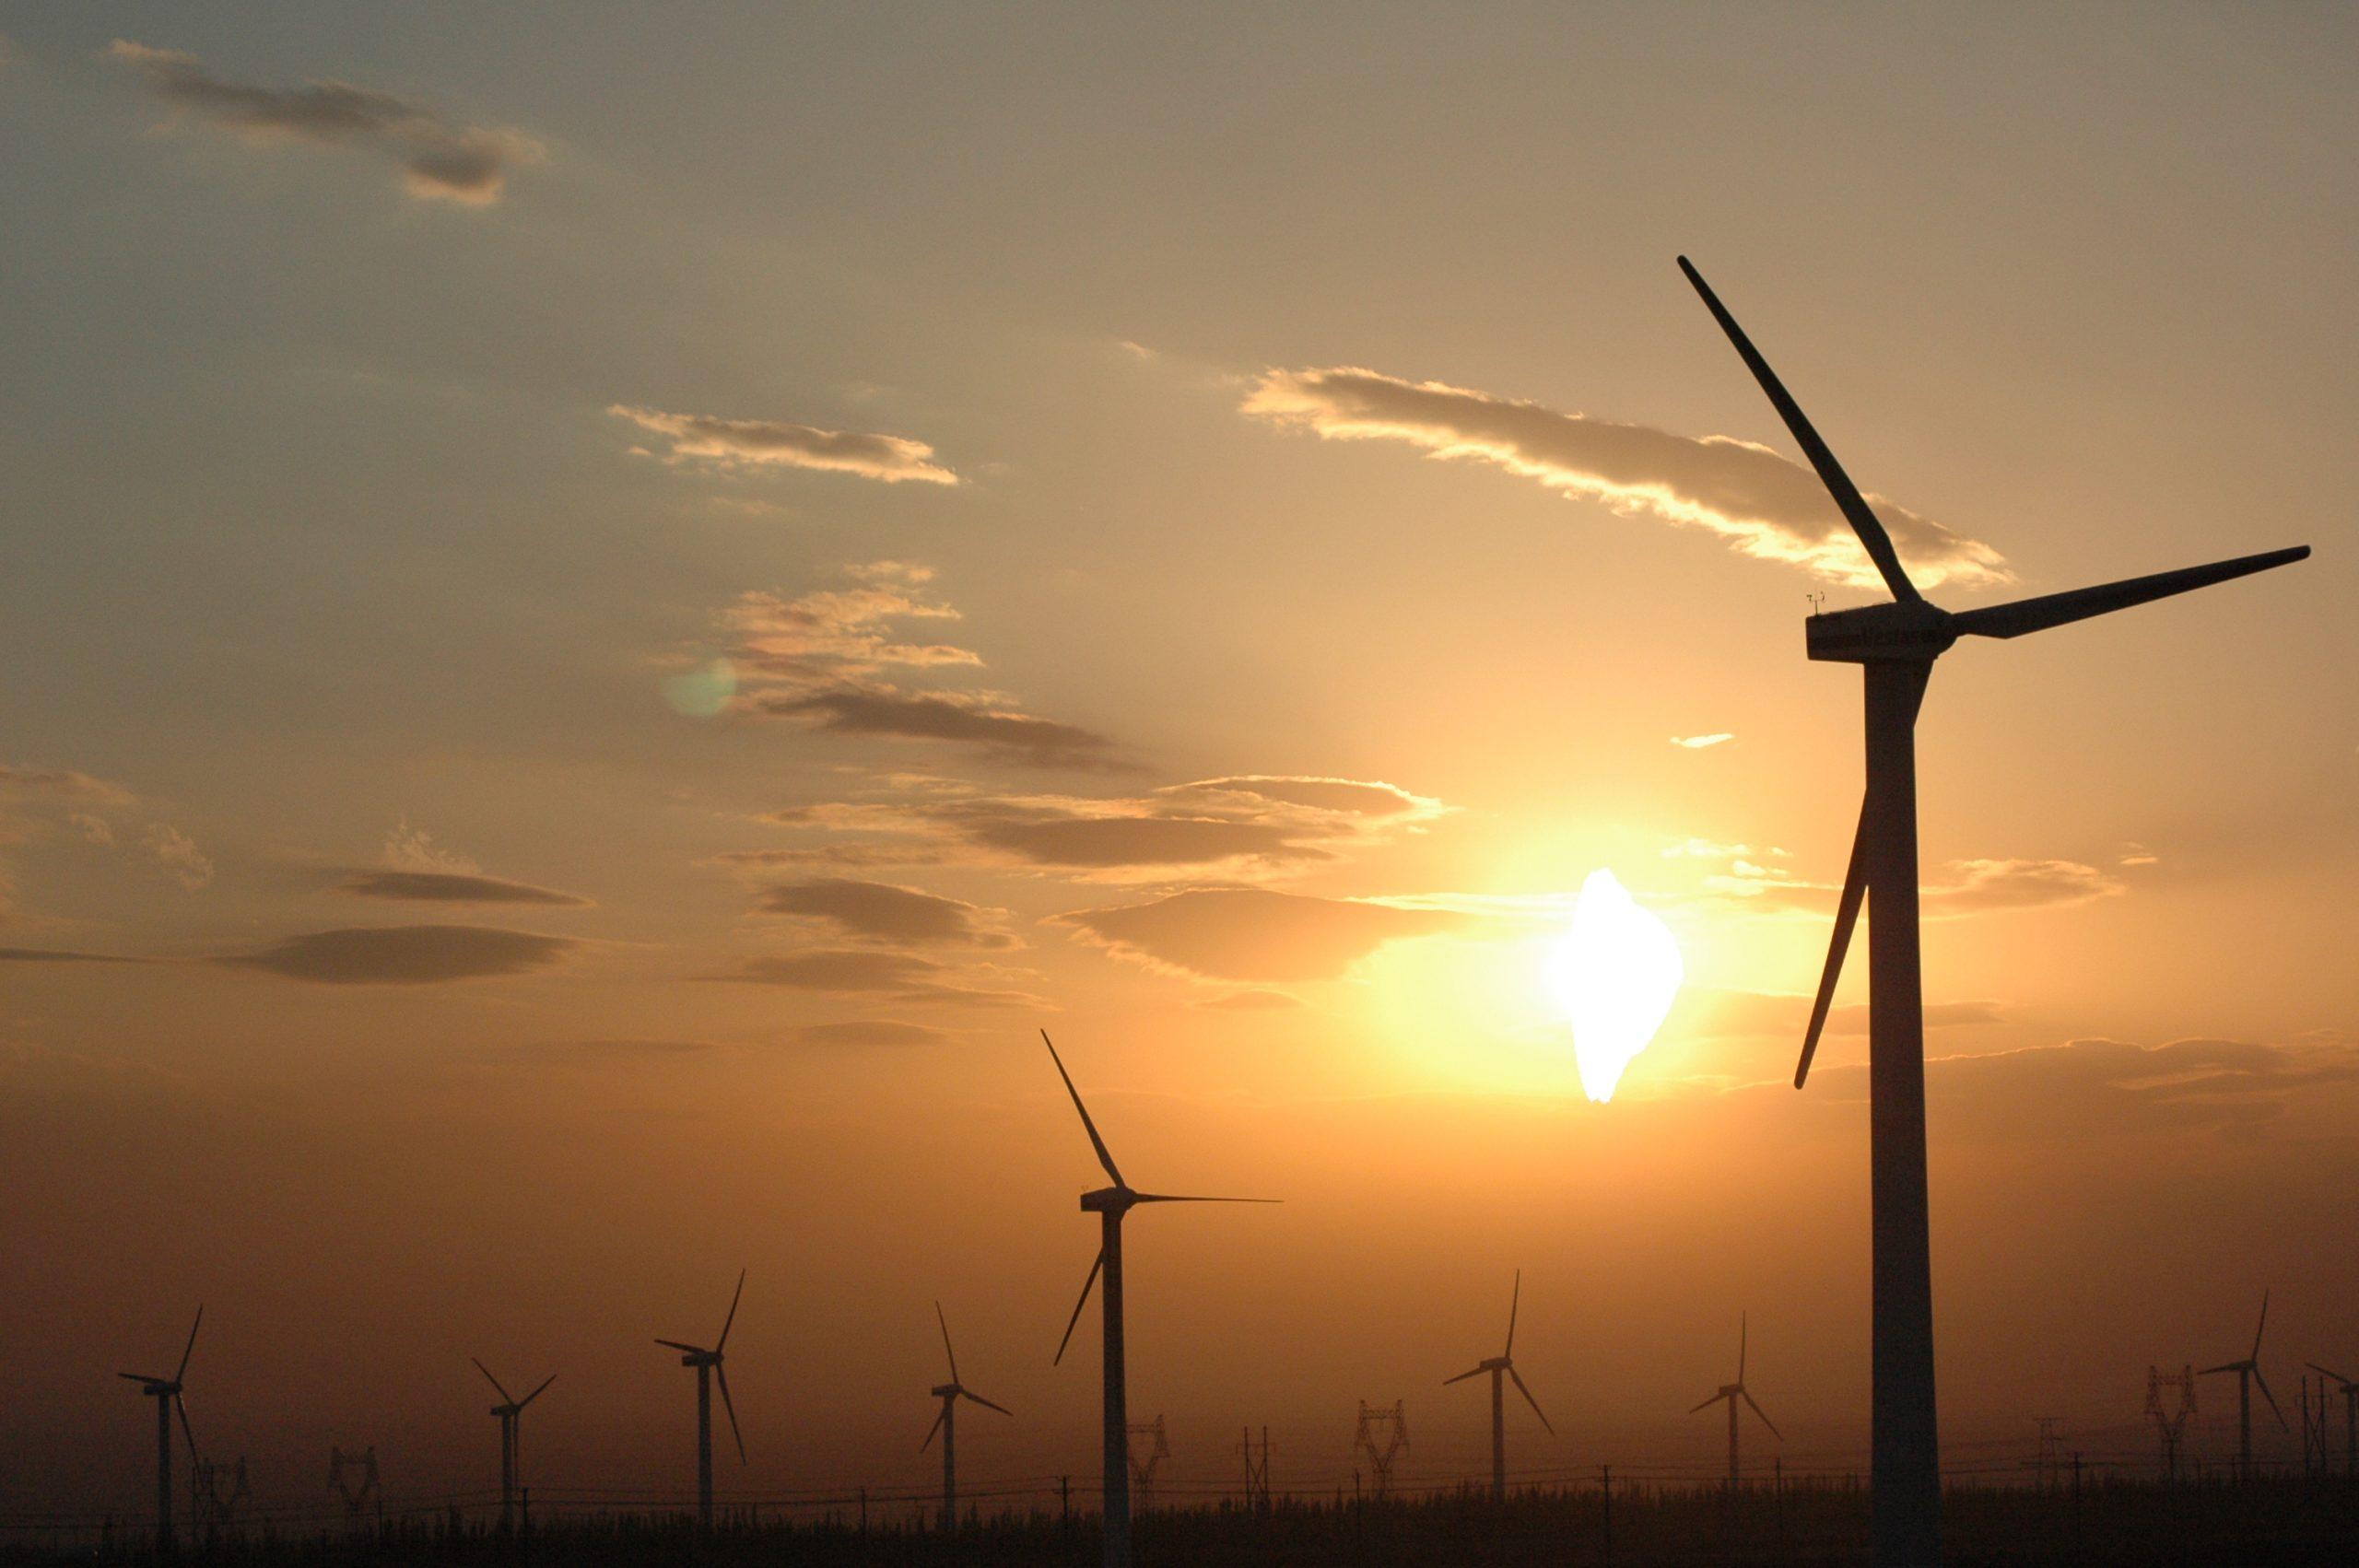 Zeni Wind Power Project, 50 MW Karachi, Pakistan, 2008-2009